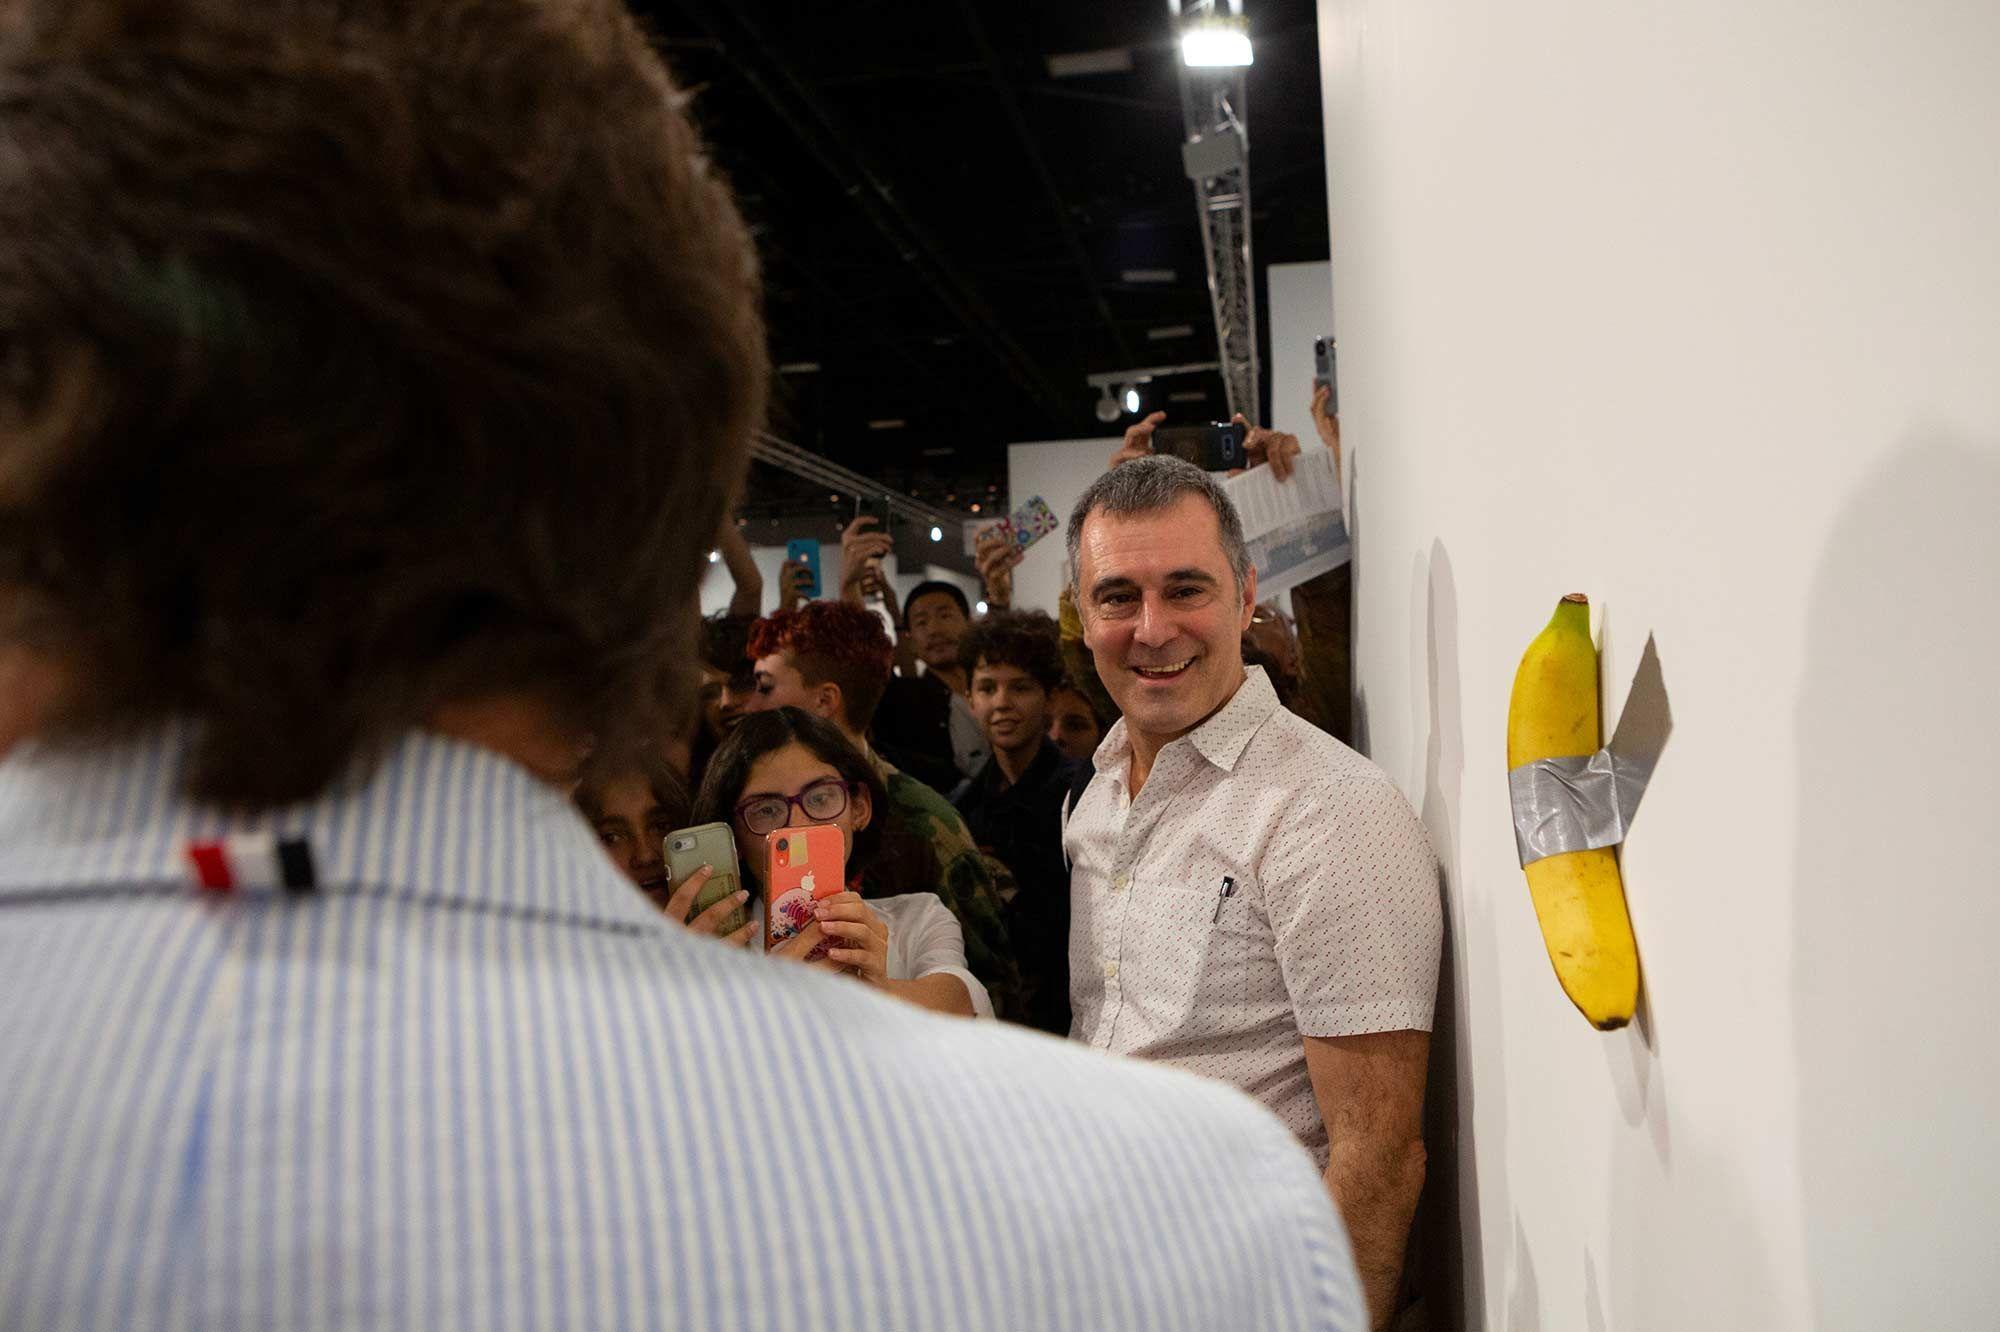 Un artiste vend une banane 120 000 dollars... un autre la mange